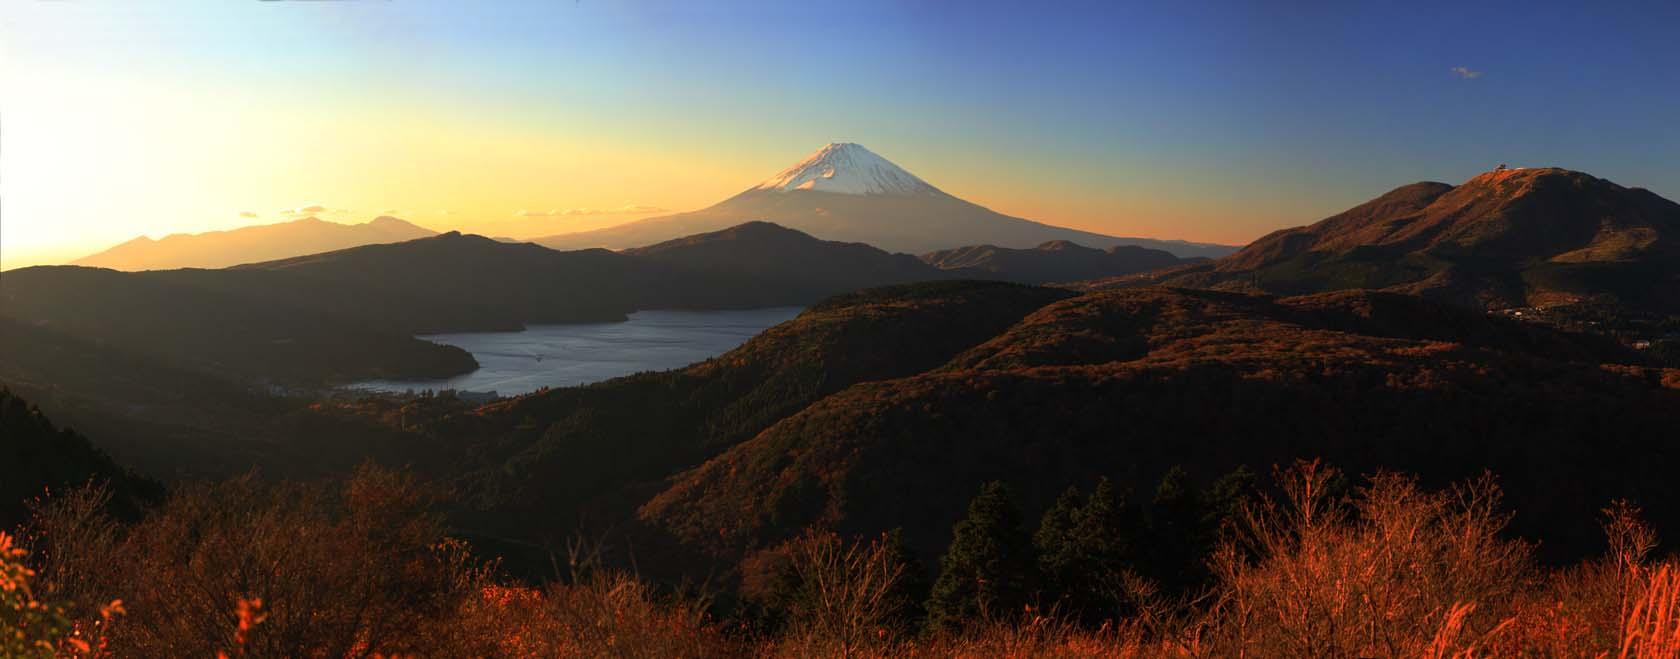 צילום, חינם גשמי, נוף, מדמין, צילום של מלאי ,האל של ההרים, הר פוג'י, , , ,